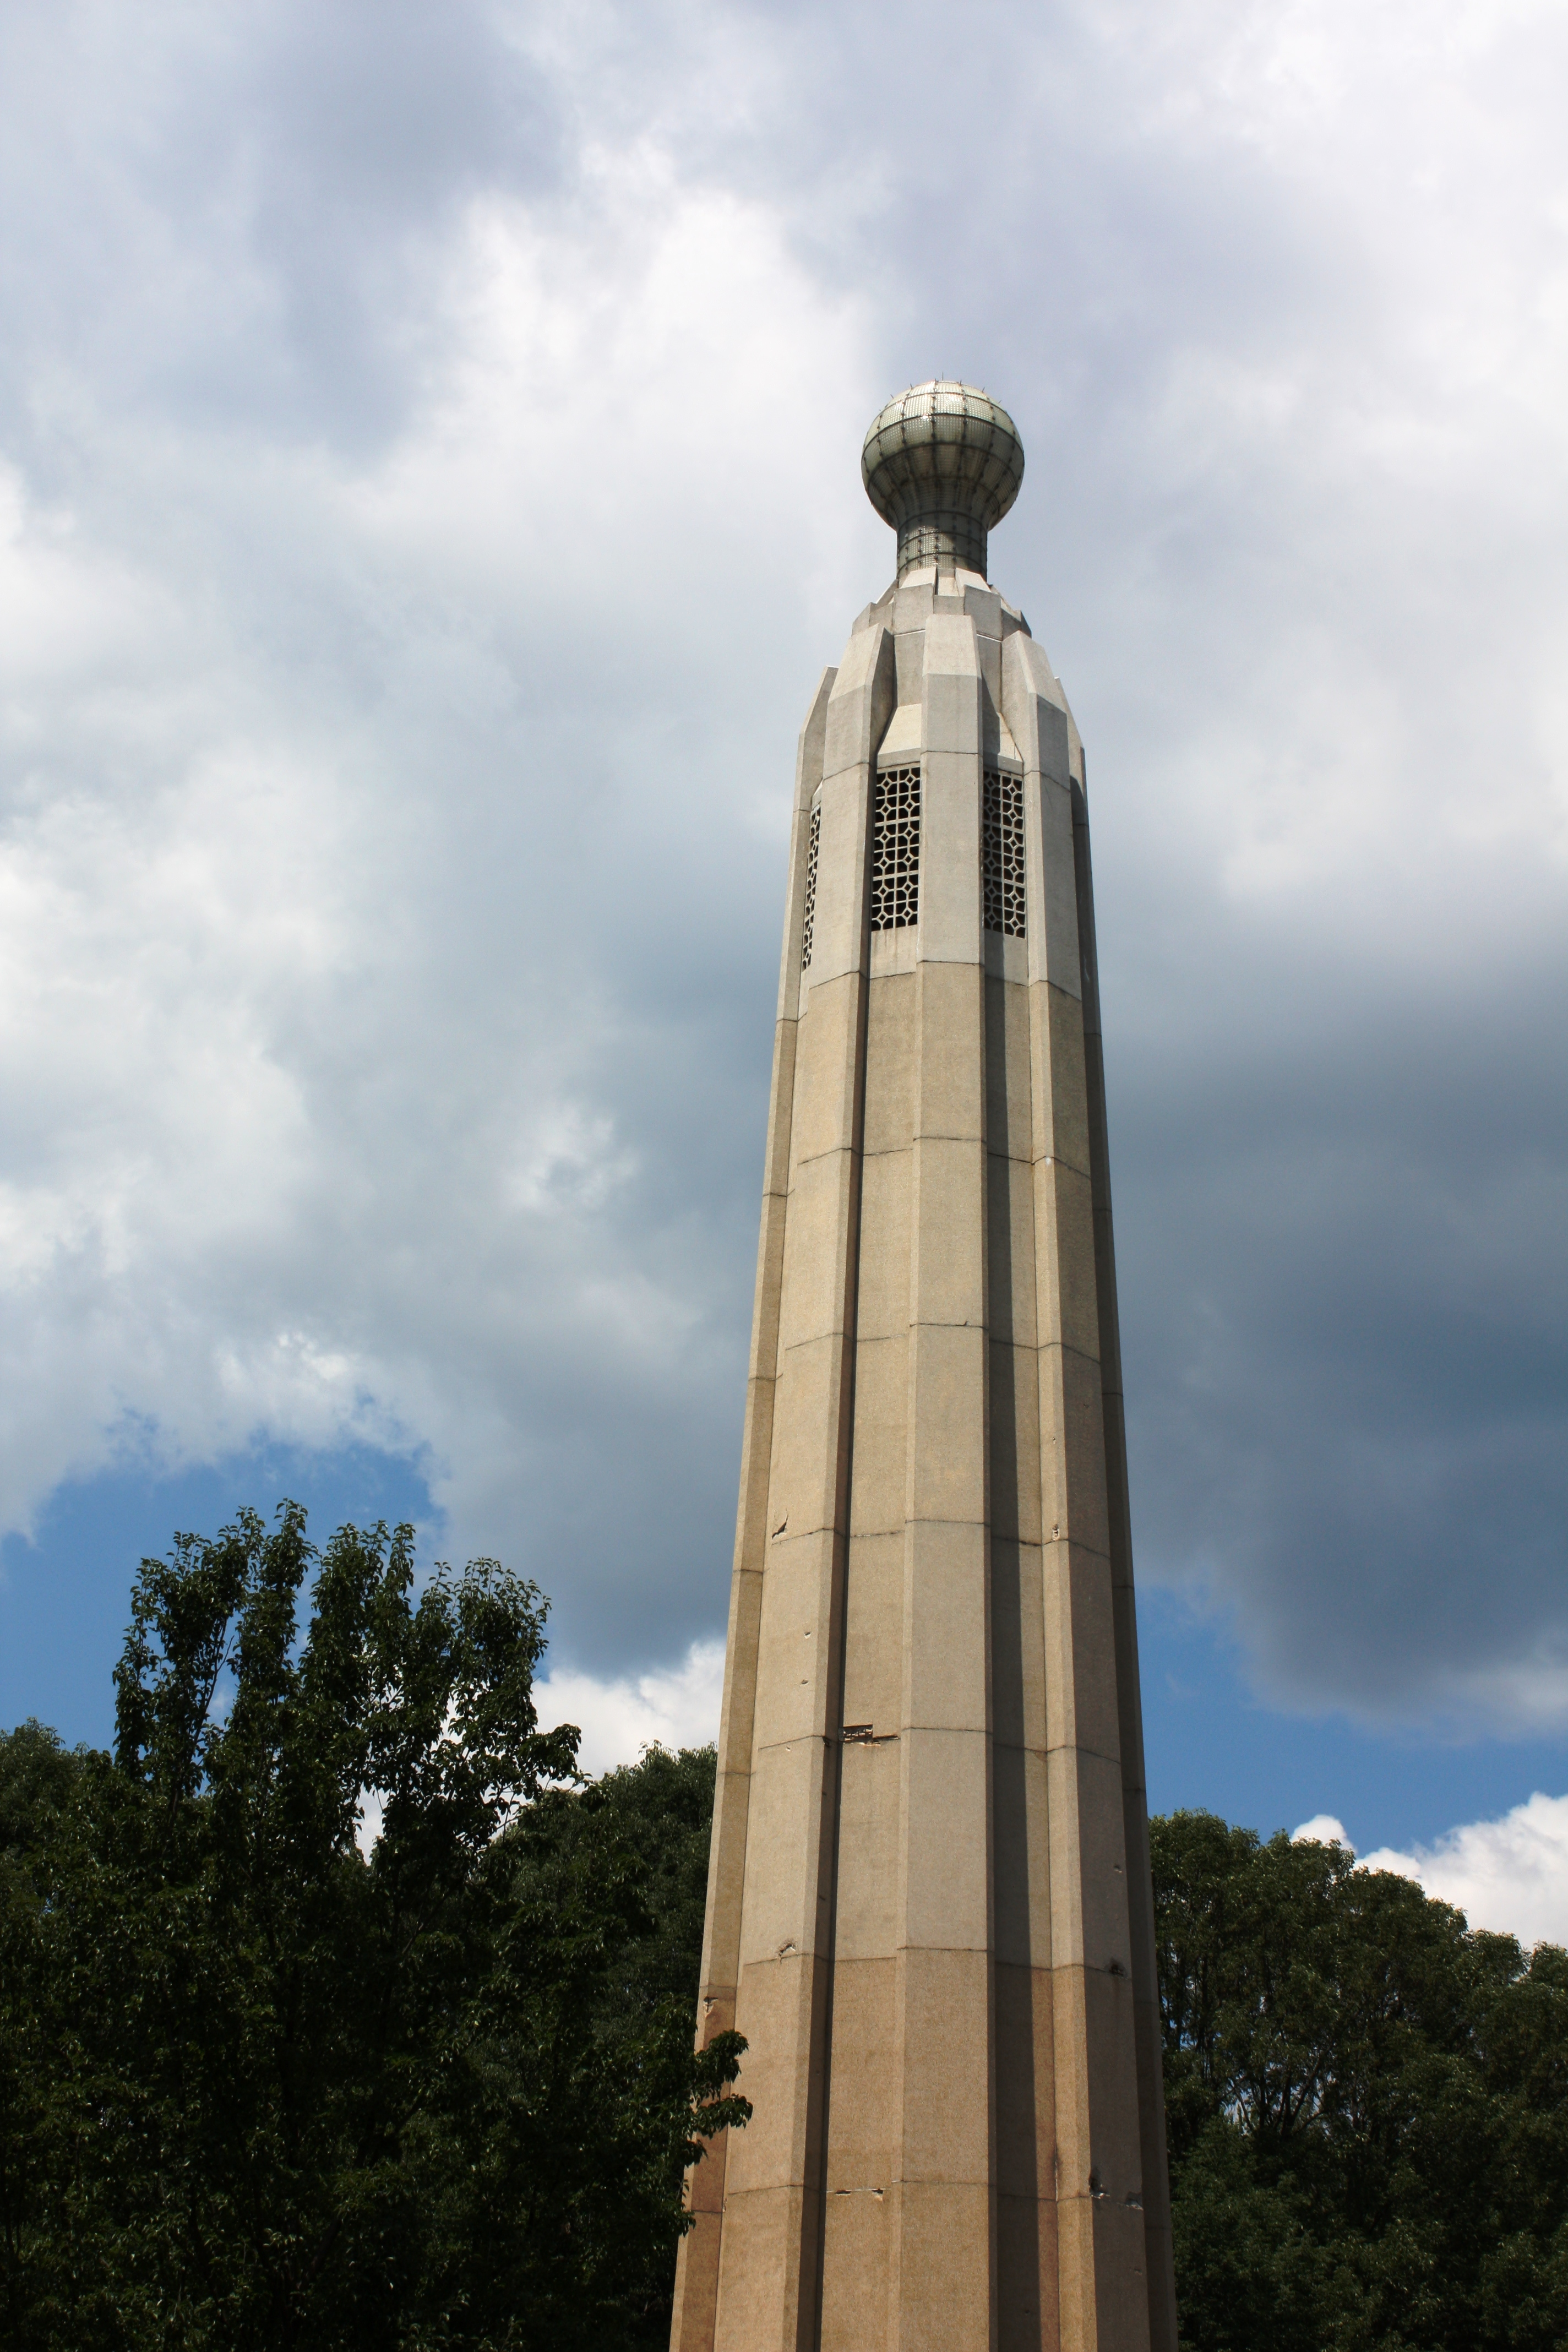 37a039a7abb16d717dda_Edison_Memorial_Tower.jpg